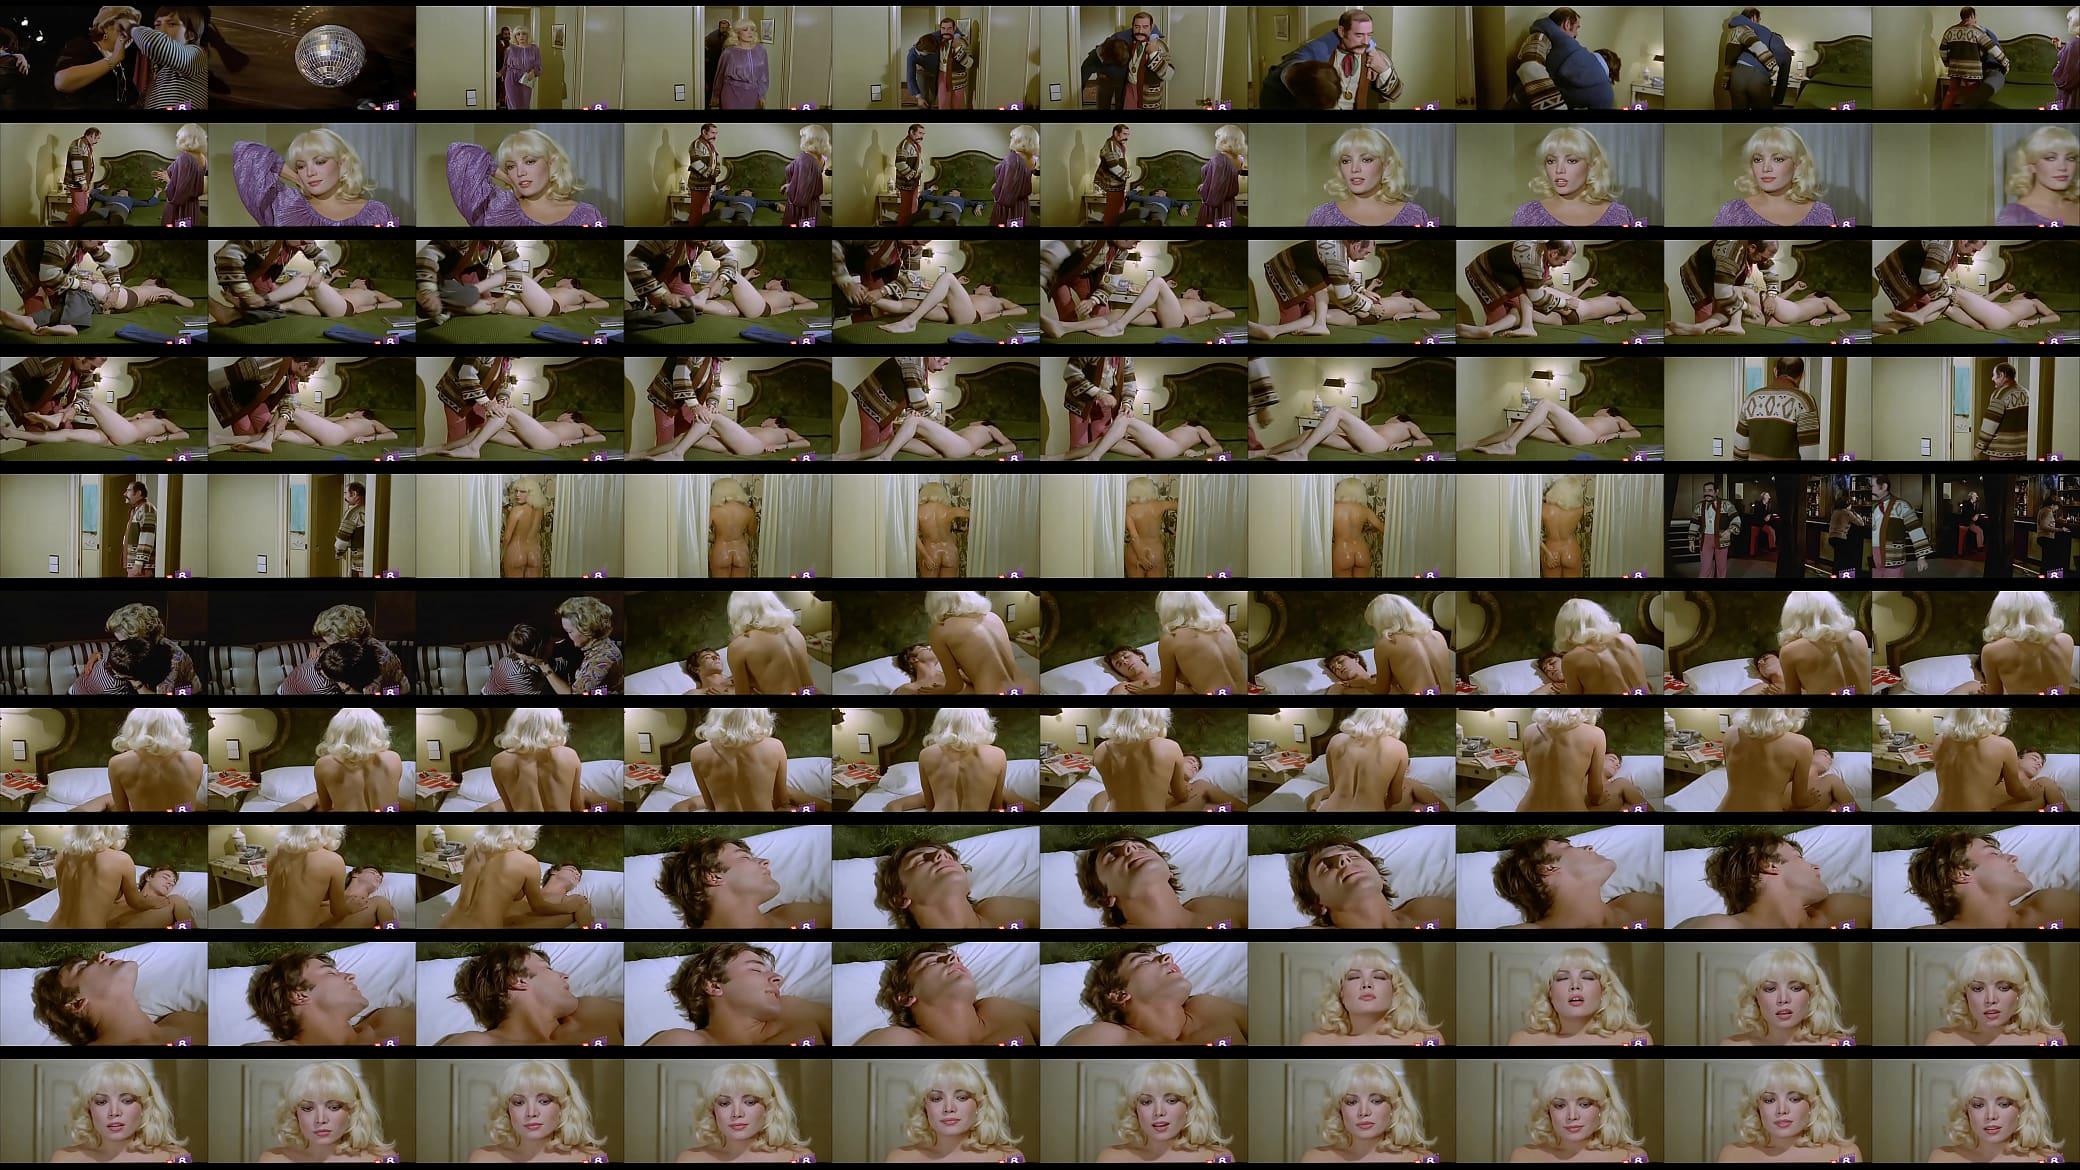 Barbara Rey Porno agata lys - deseo carnal (1977) - xnxx